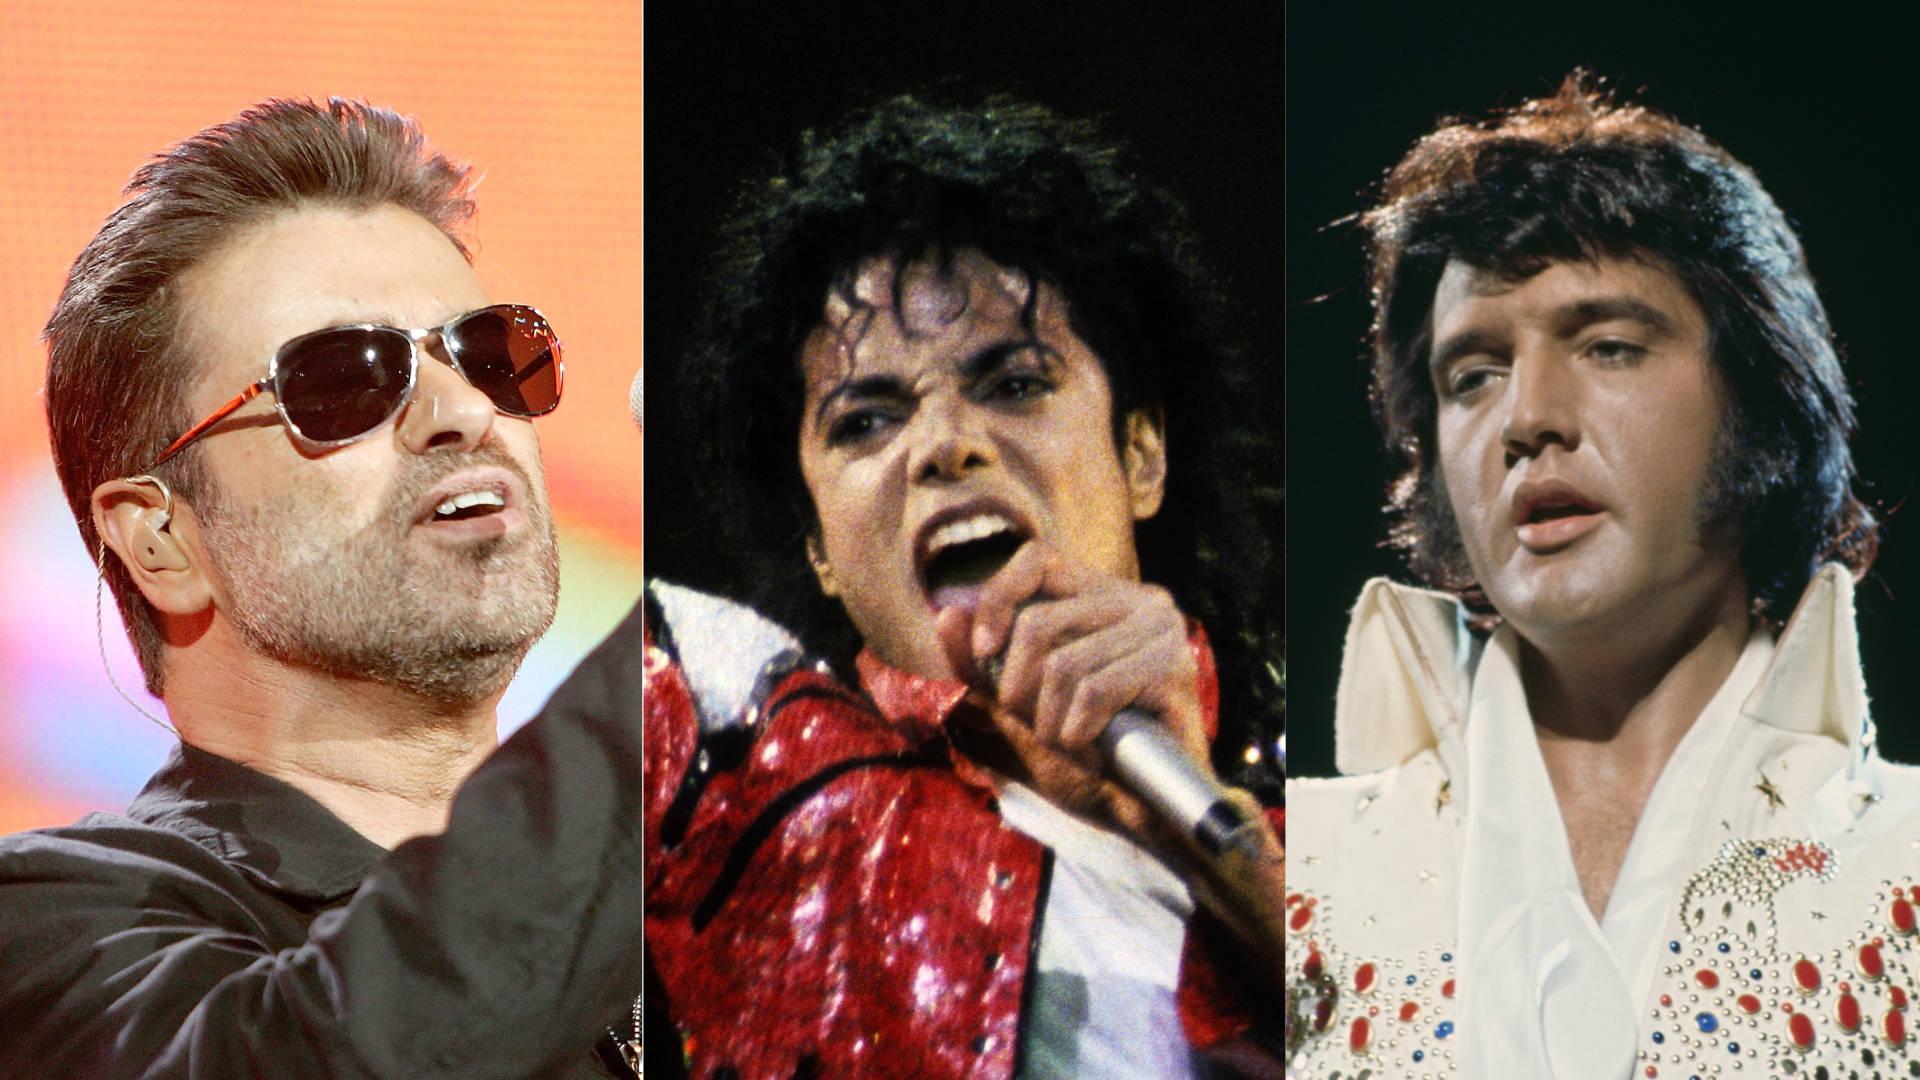 The 14 best male singers of all time: Freddie Mercury, Elvis Presley